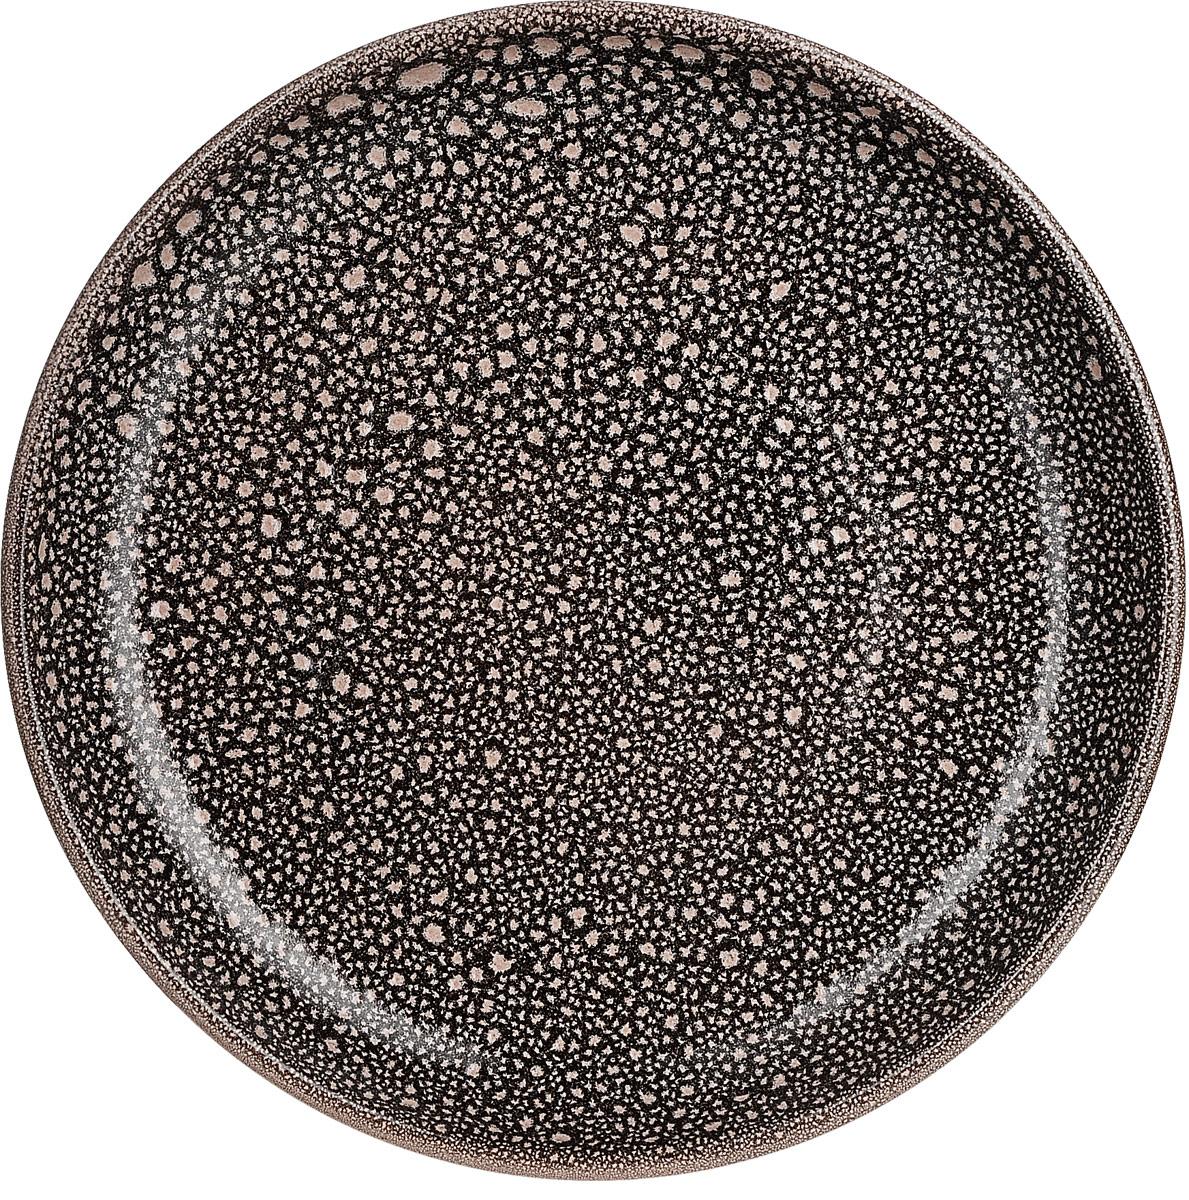 Миска Борисовская керамикаМРМ14457681Миска для вторых блюд МРМ14457681. Материал: Керамика. Объем: 1